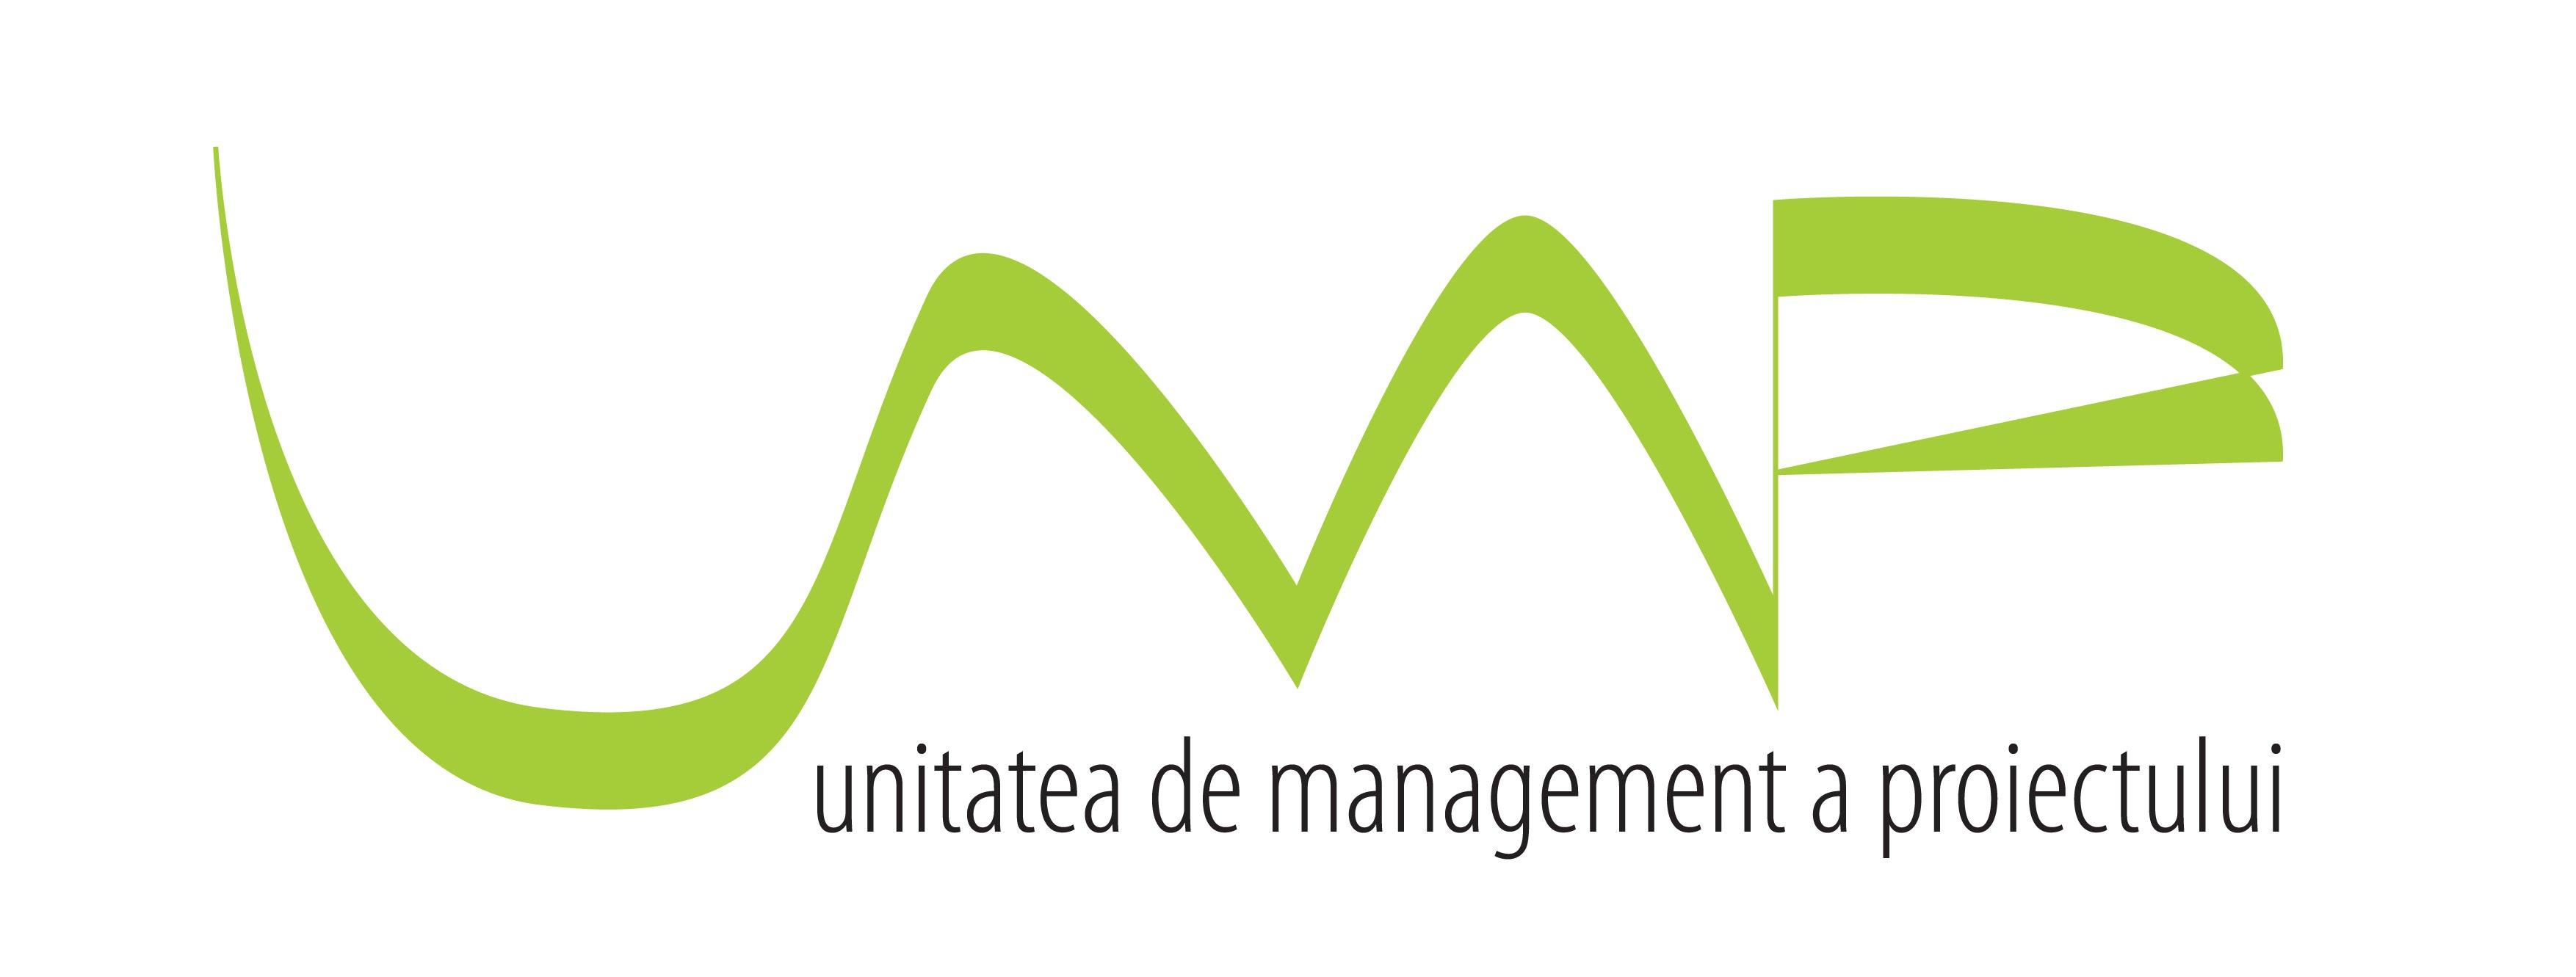 Unitatea de Management a Proiectului